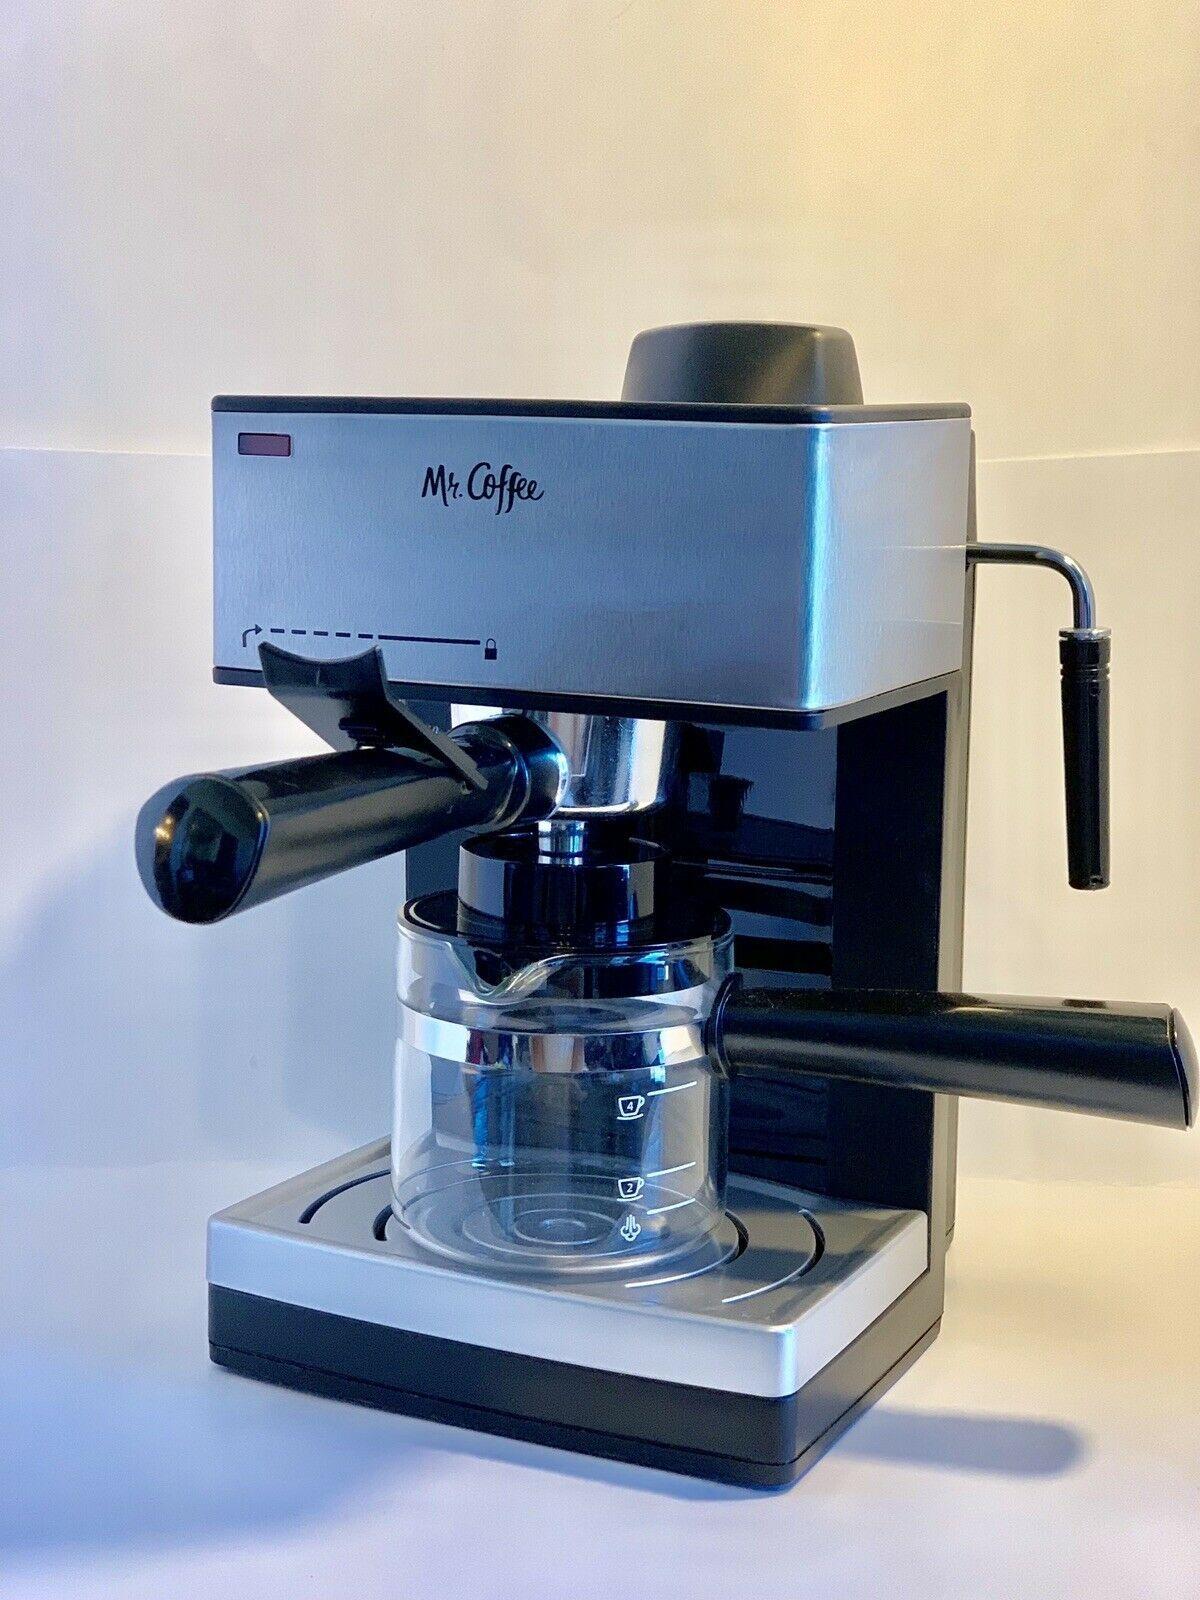 Mr. Coffee Steam Espresso and Cappuccino Maker With Milk